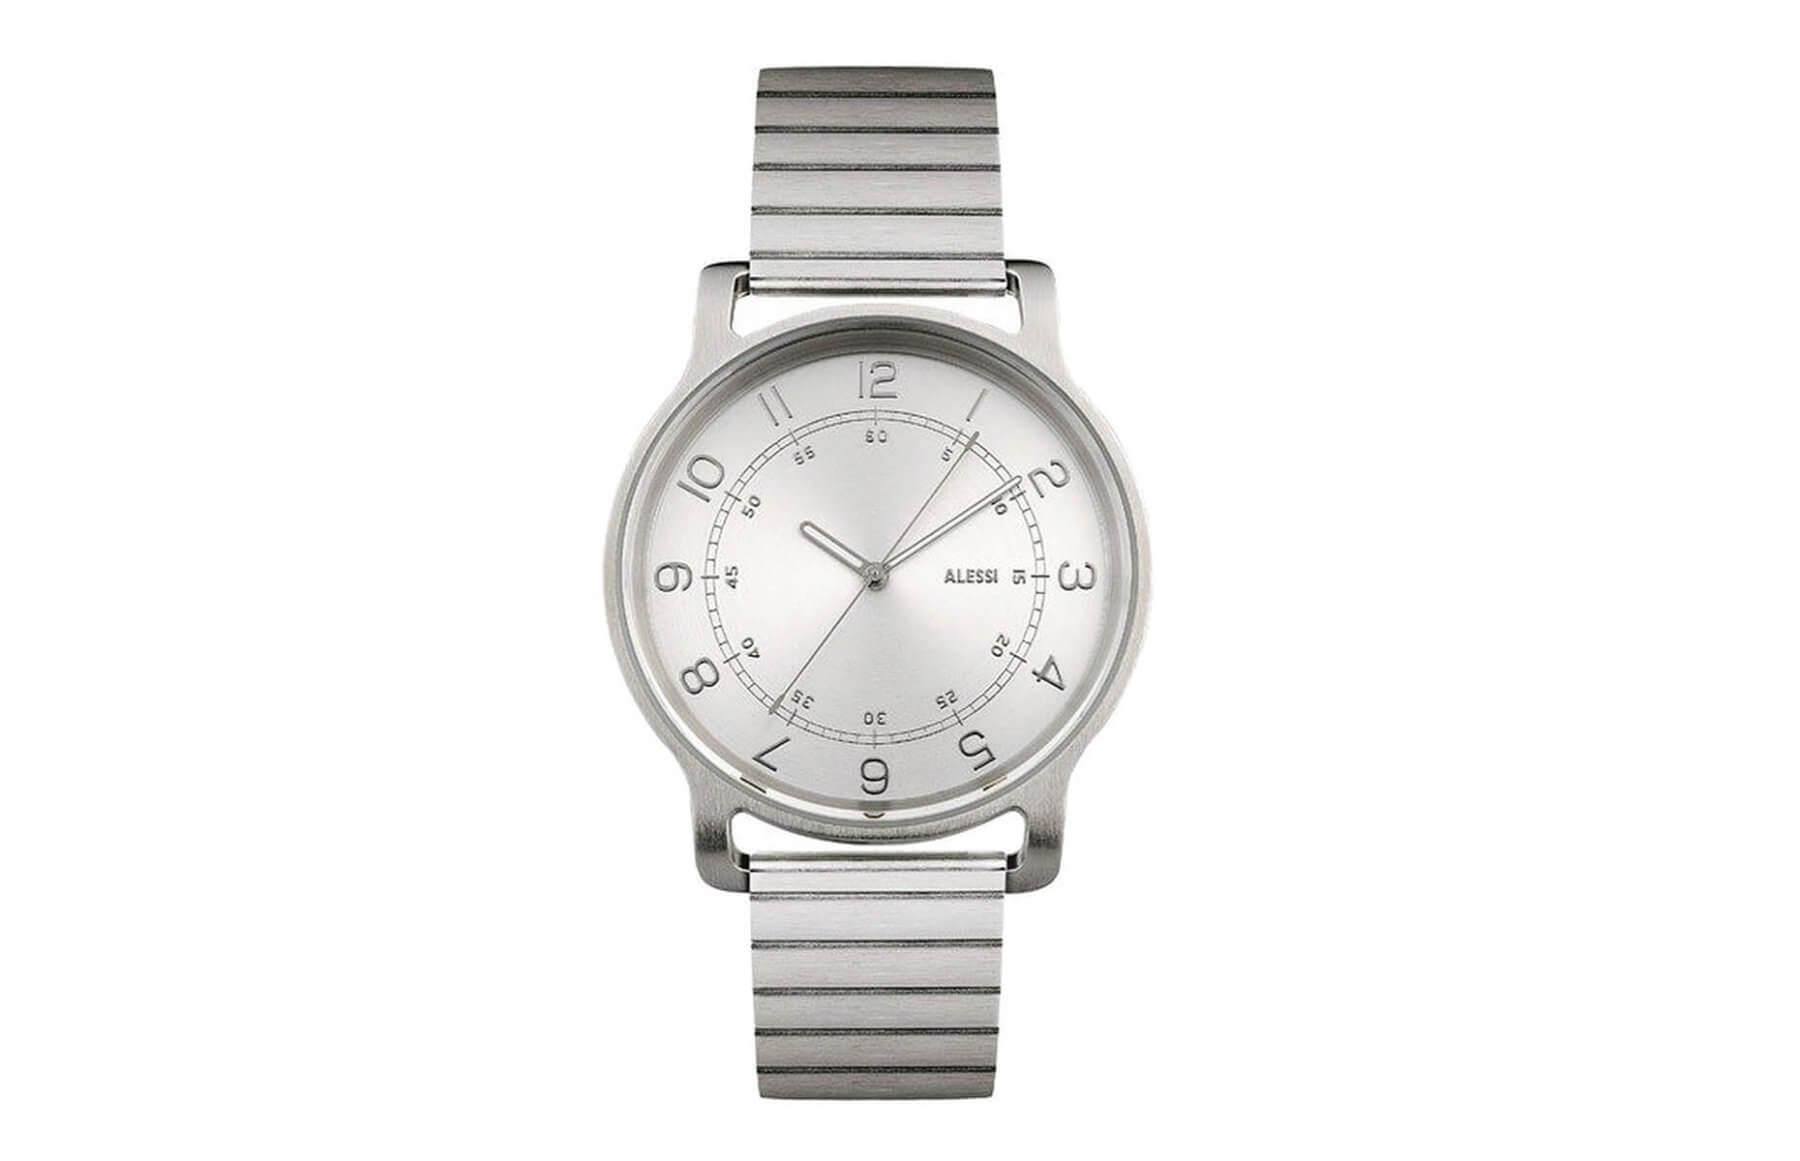 Zegarek l'orologio ze stalową bransoletą